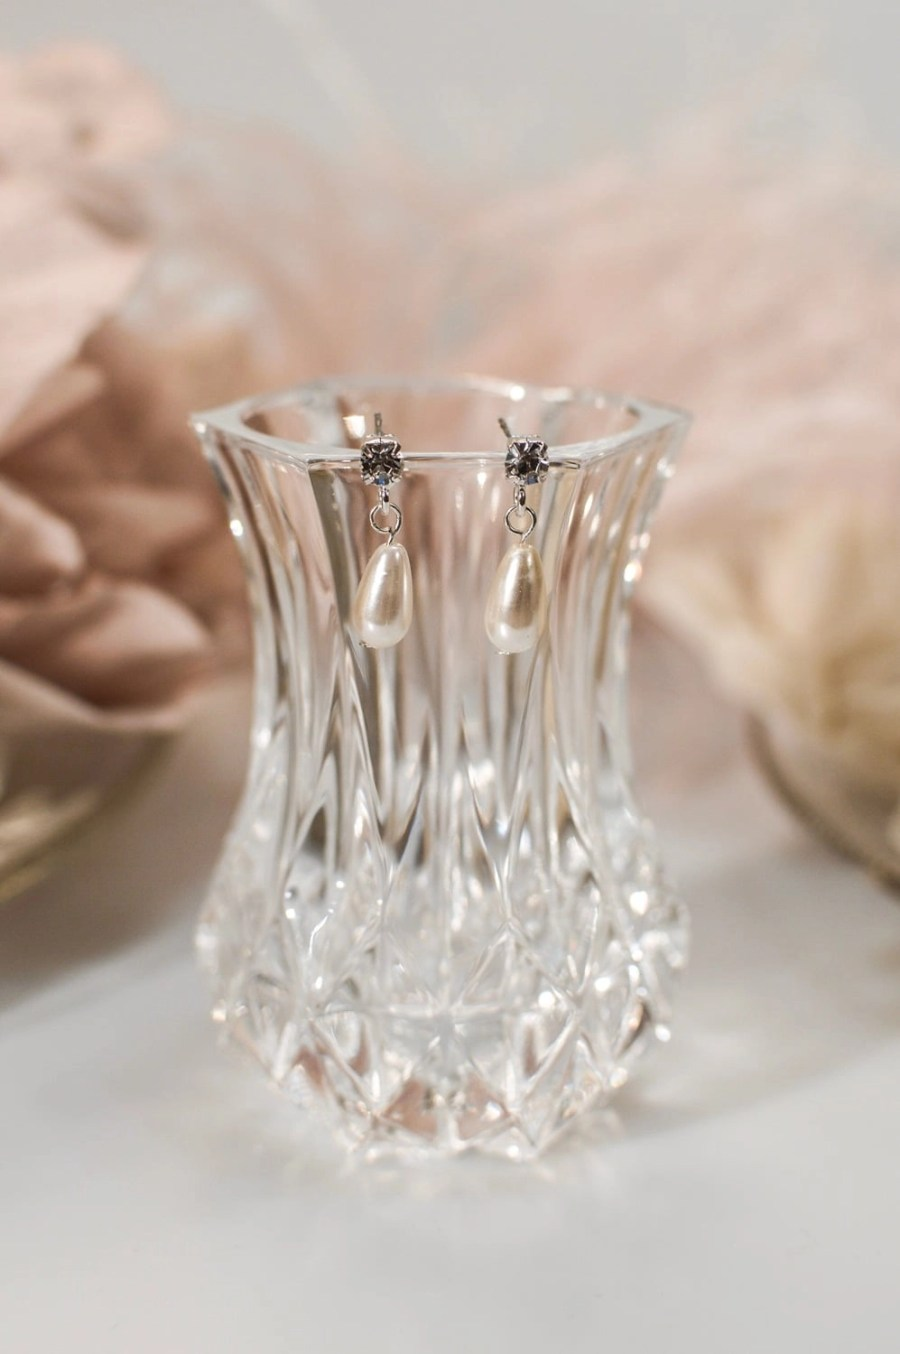 tls1519 earrings on glass resized